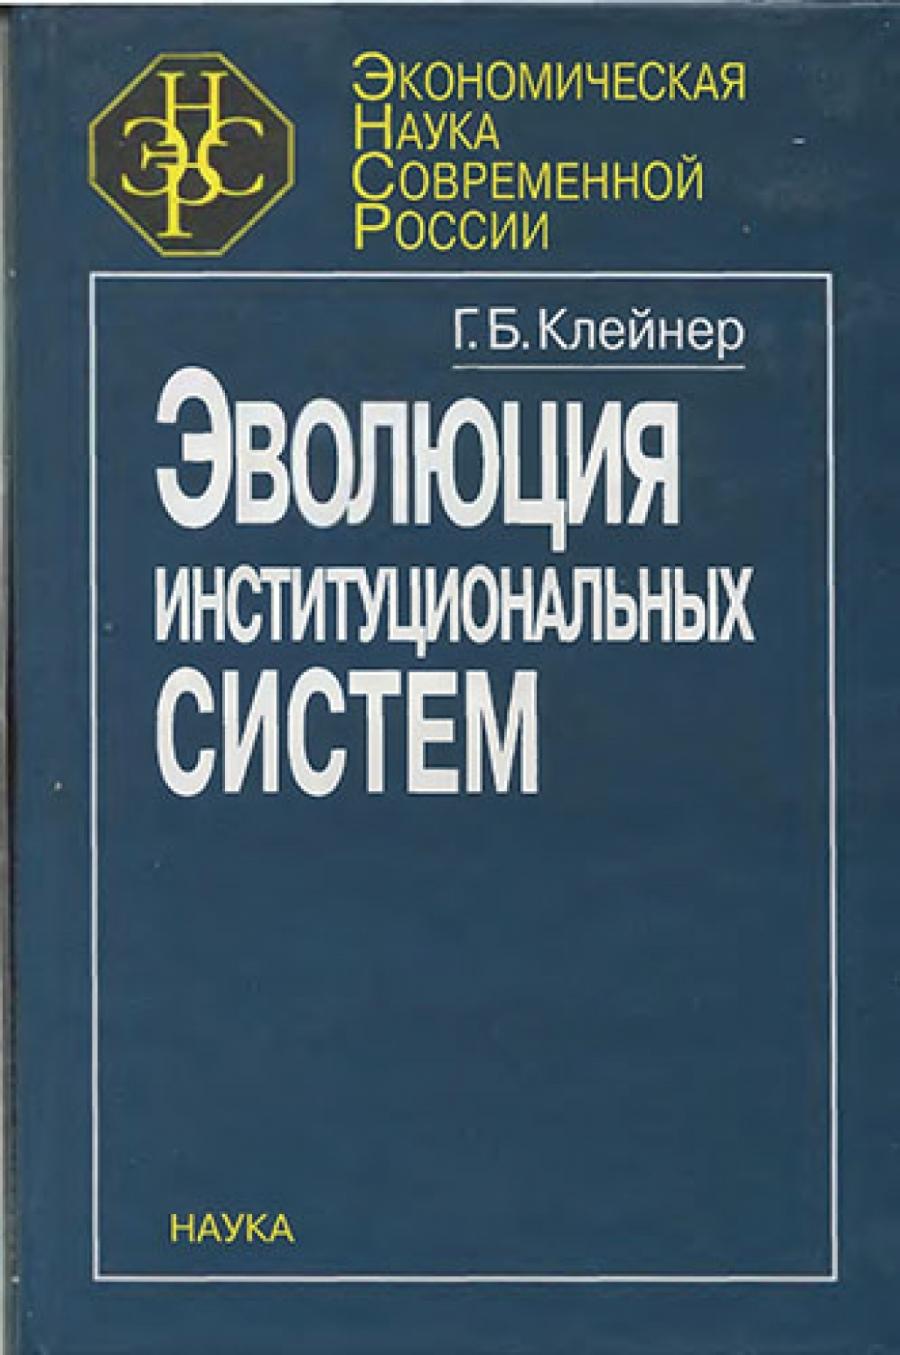 Обложка книги:  клейнер г.б. - эволюция институциональных систем